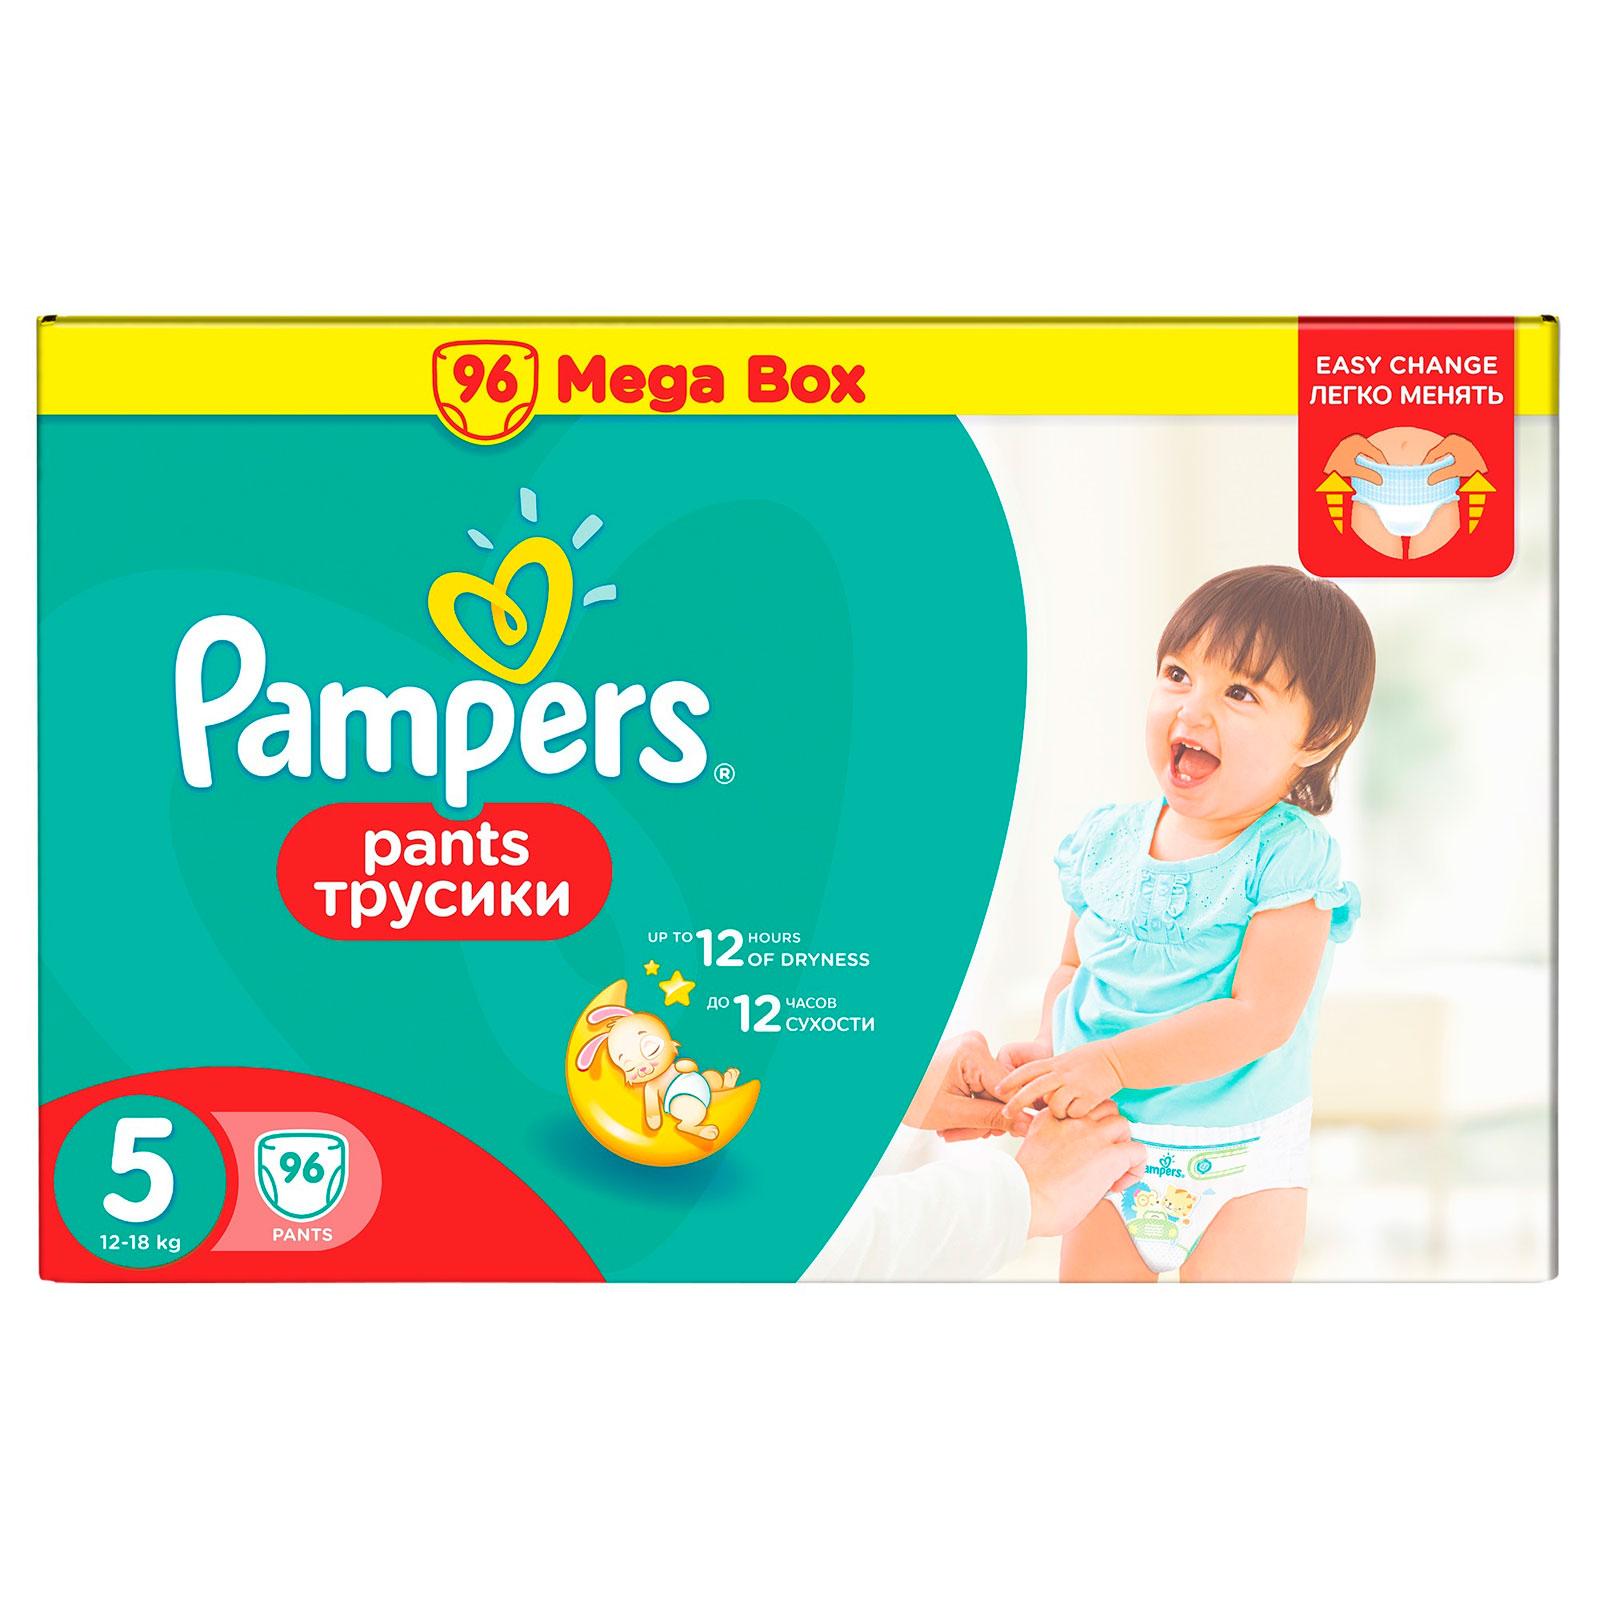 Трусики Pampers Pants Junior 12-18 кг (96 шт) Размер 5<br>